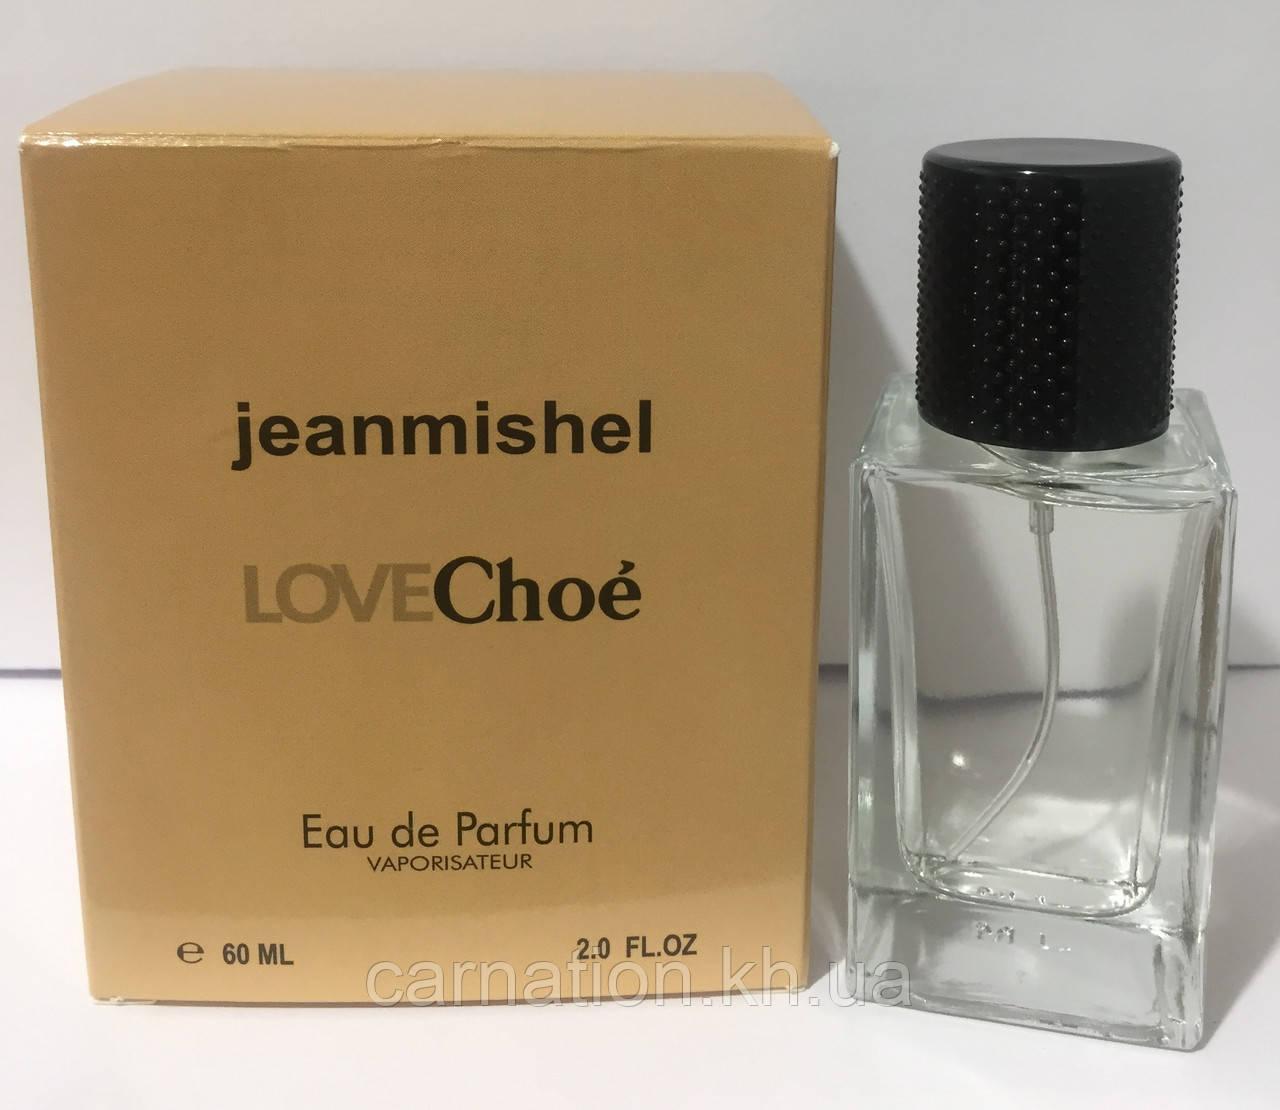 Женский парфюм Jeanmishel Love Choe 60 мл